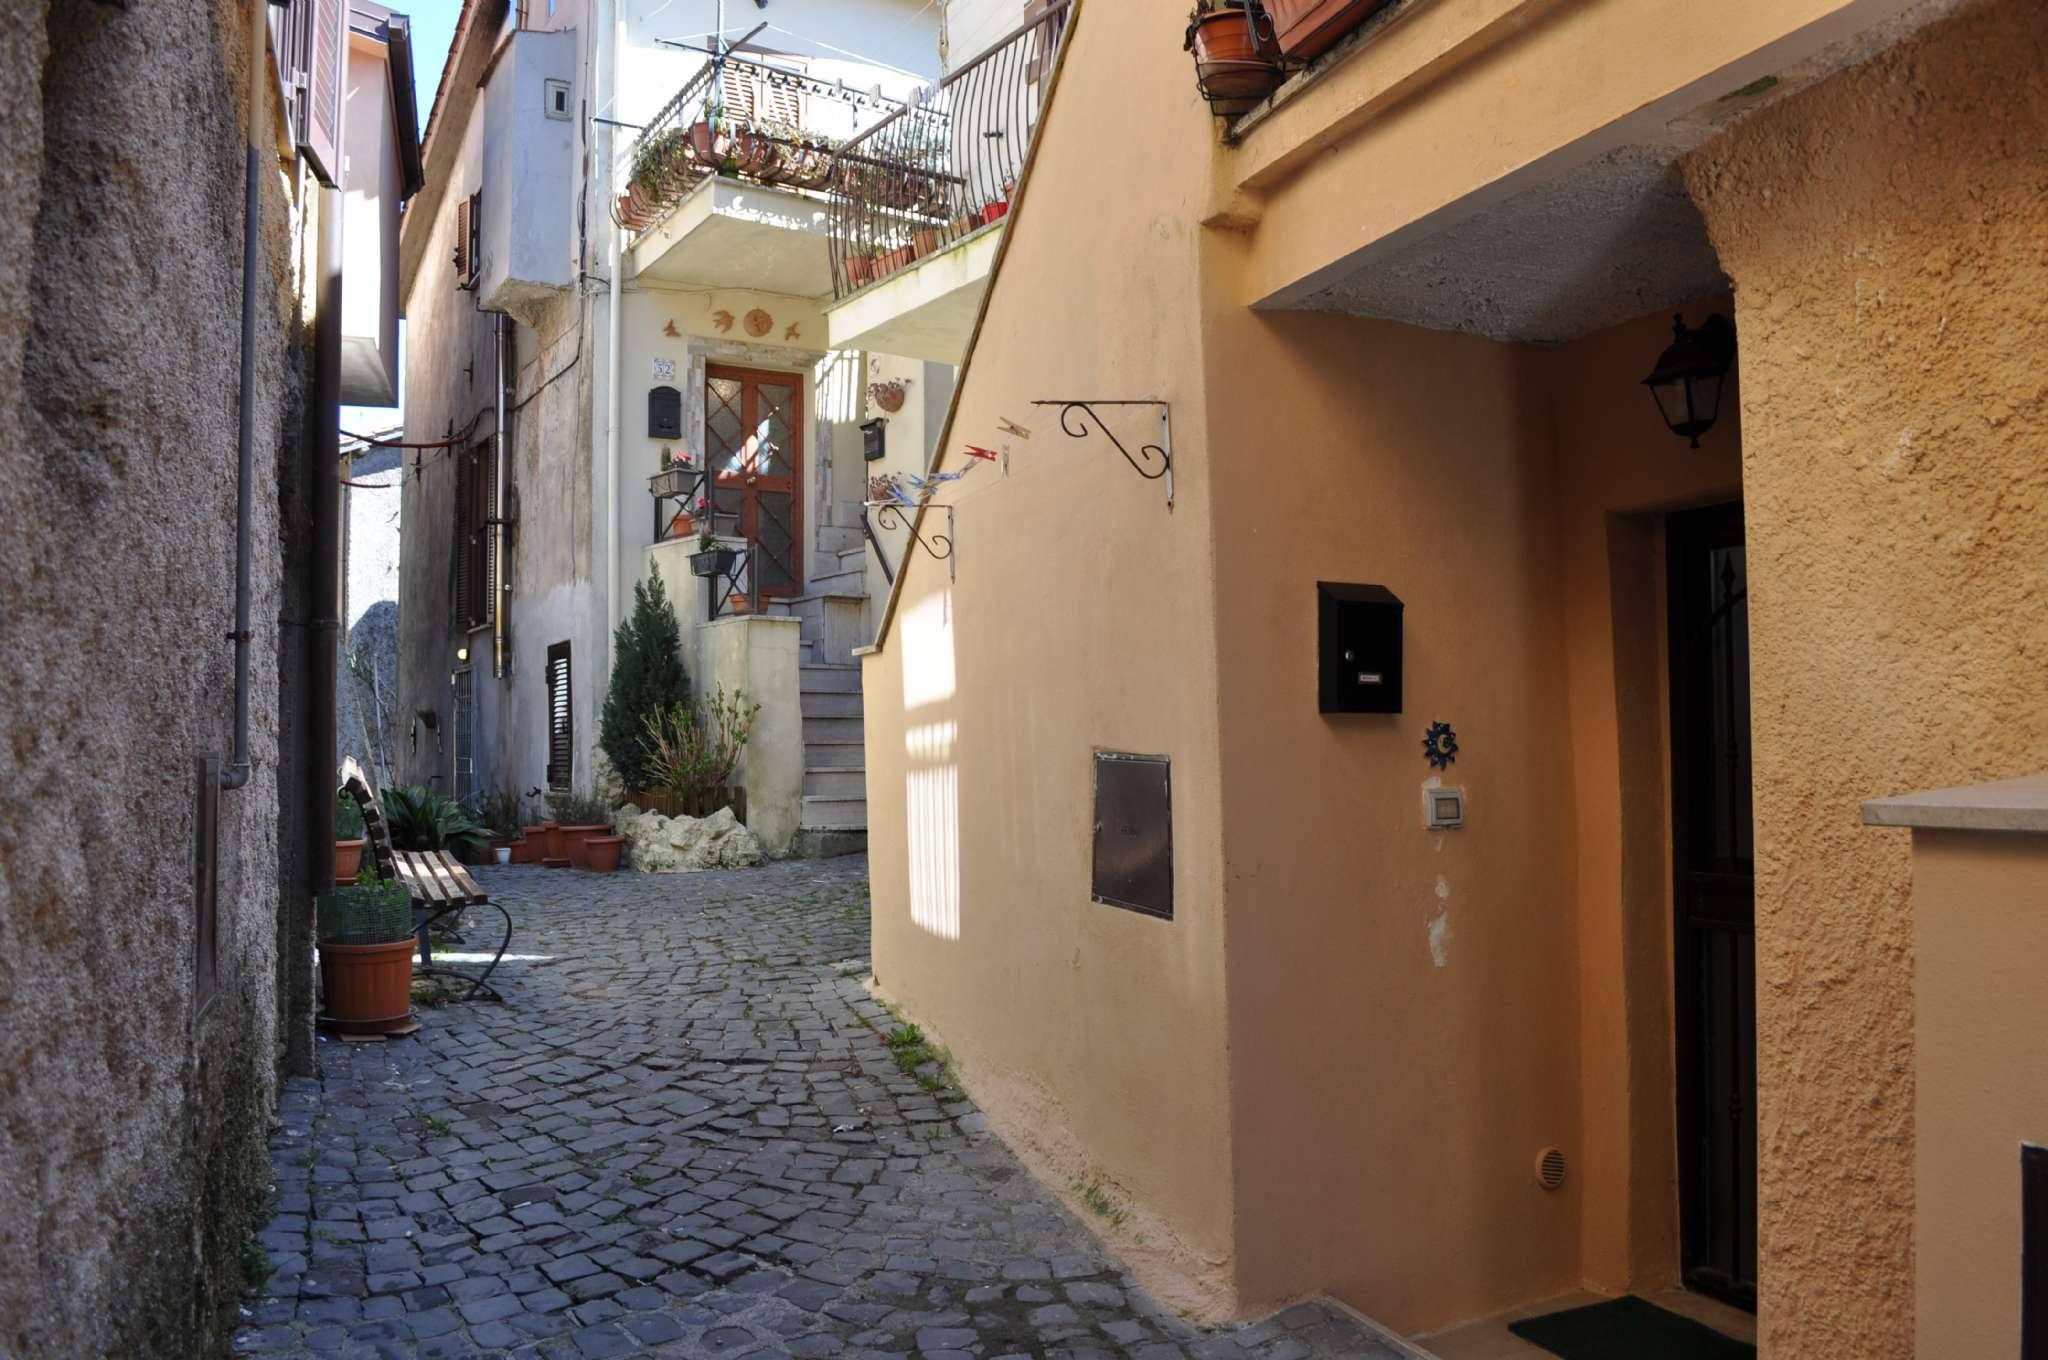 Appartamento in vendita a Rocca Priora, 2 locali, prezzo € 55.000   CambioCasa.it